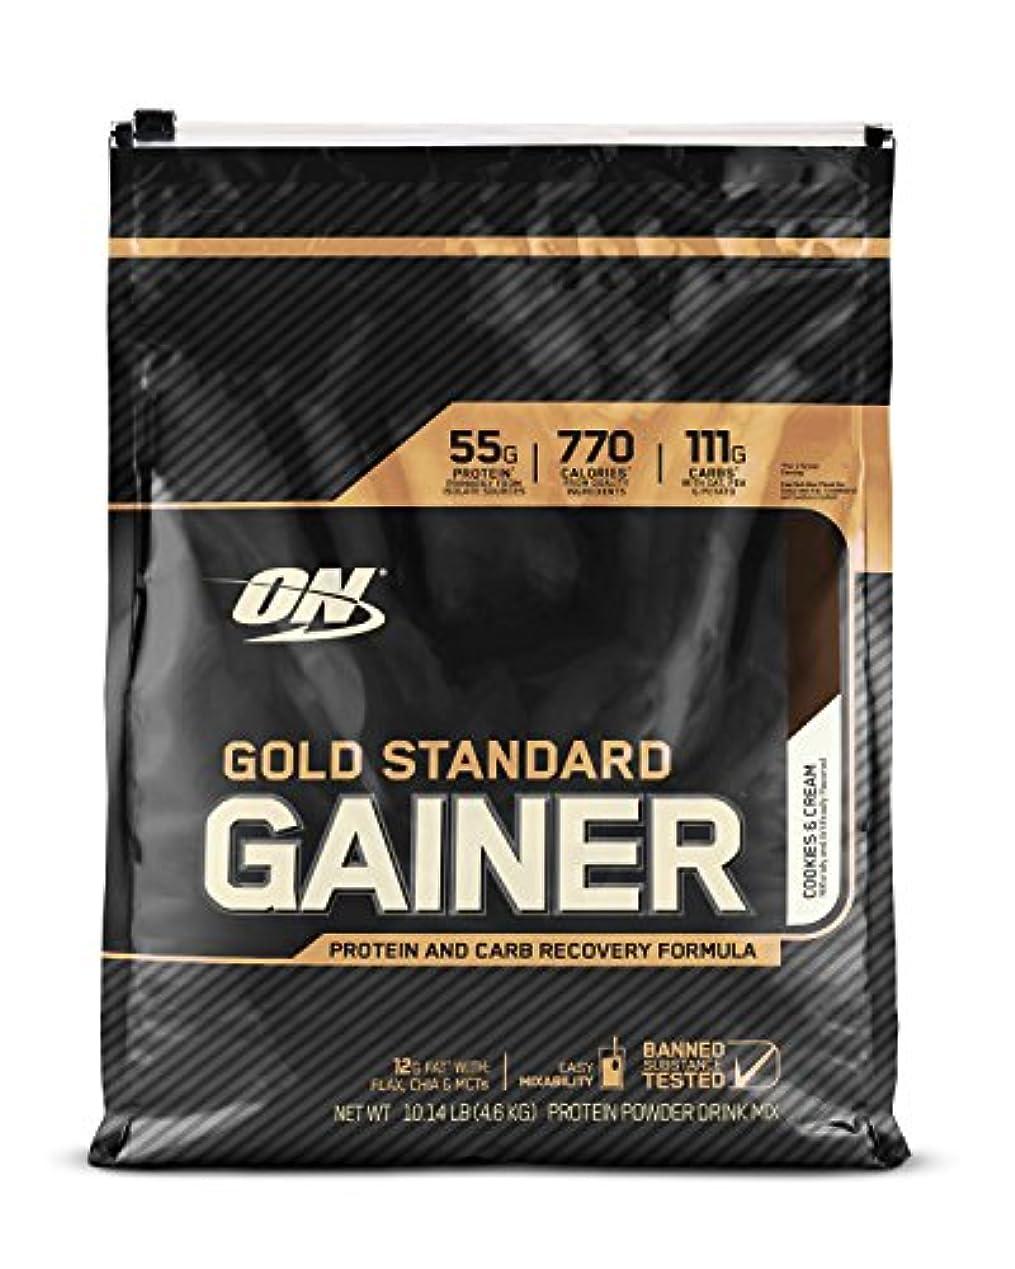 水星勇敢なバレエゴールドスタンダード ゲイナー 10LB クッキークリーム (Gold Standard Gainer 10LB Cookies & Cream) [海外直送品] [並行輸入品]